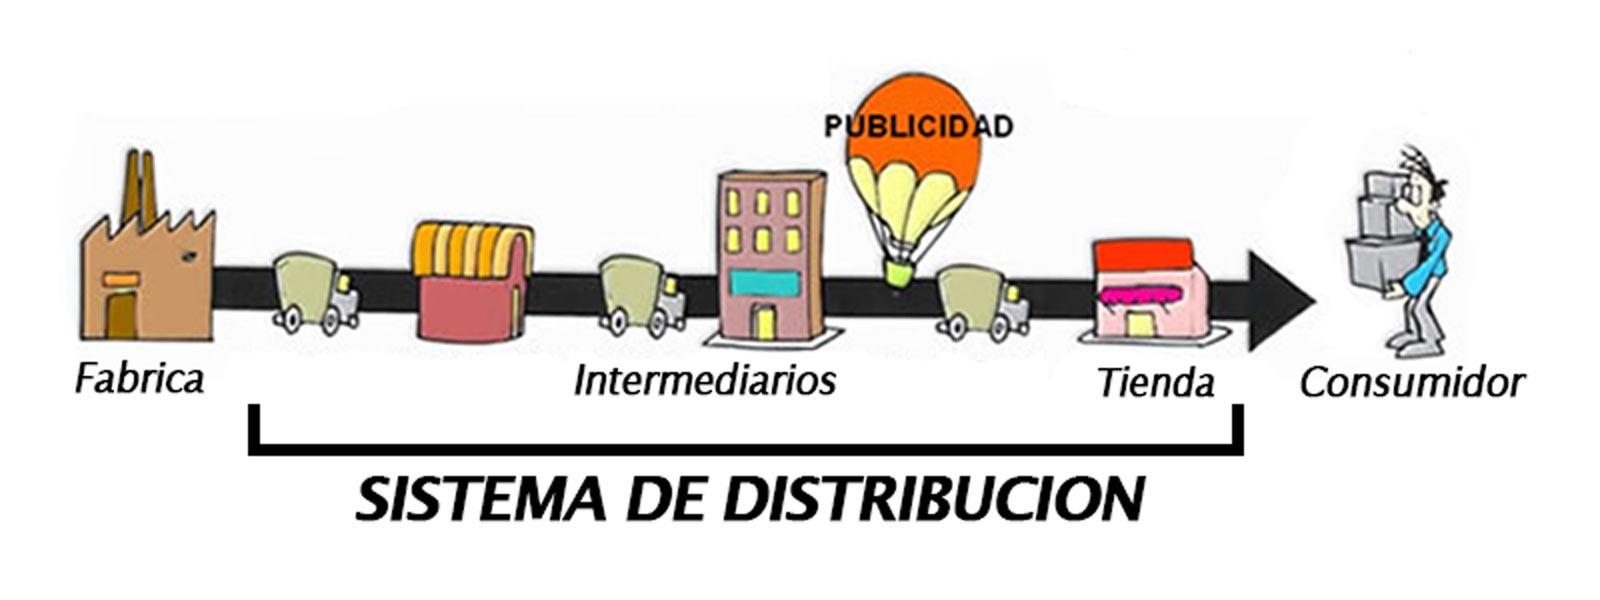 Resultado de imagen para sistema de distribucion de productos